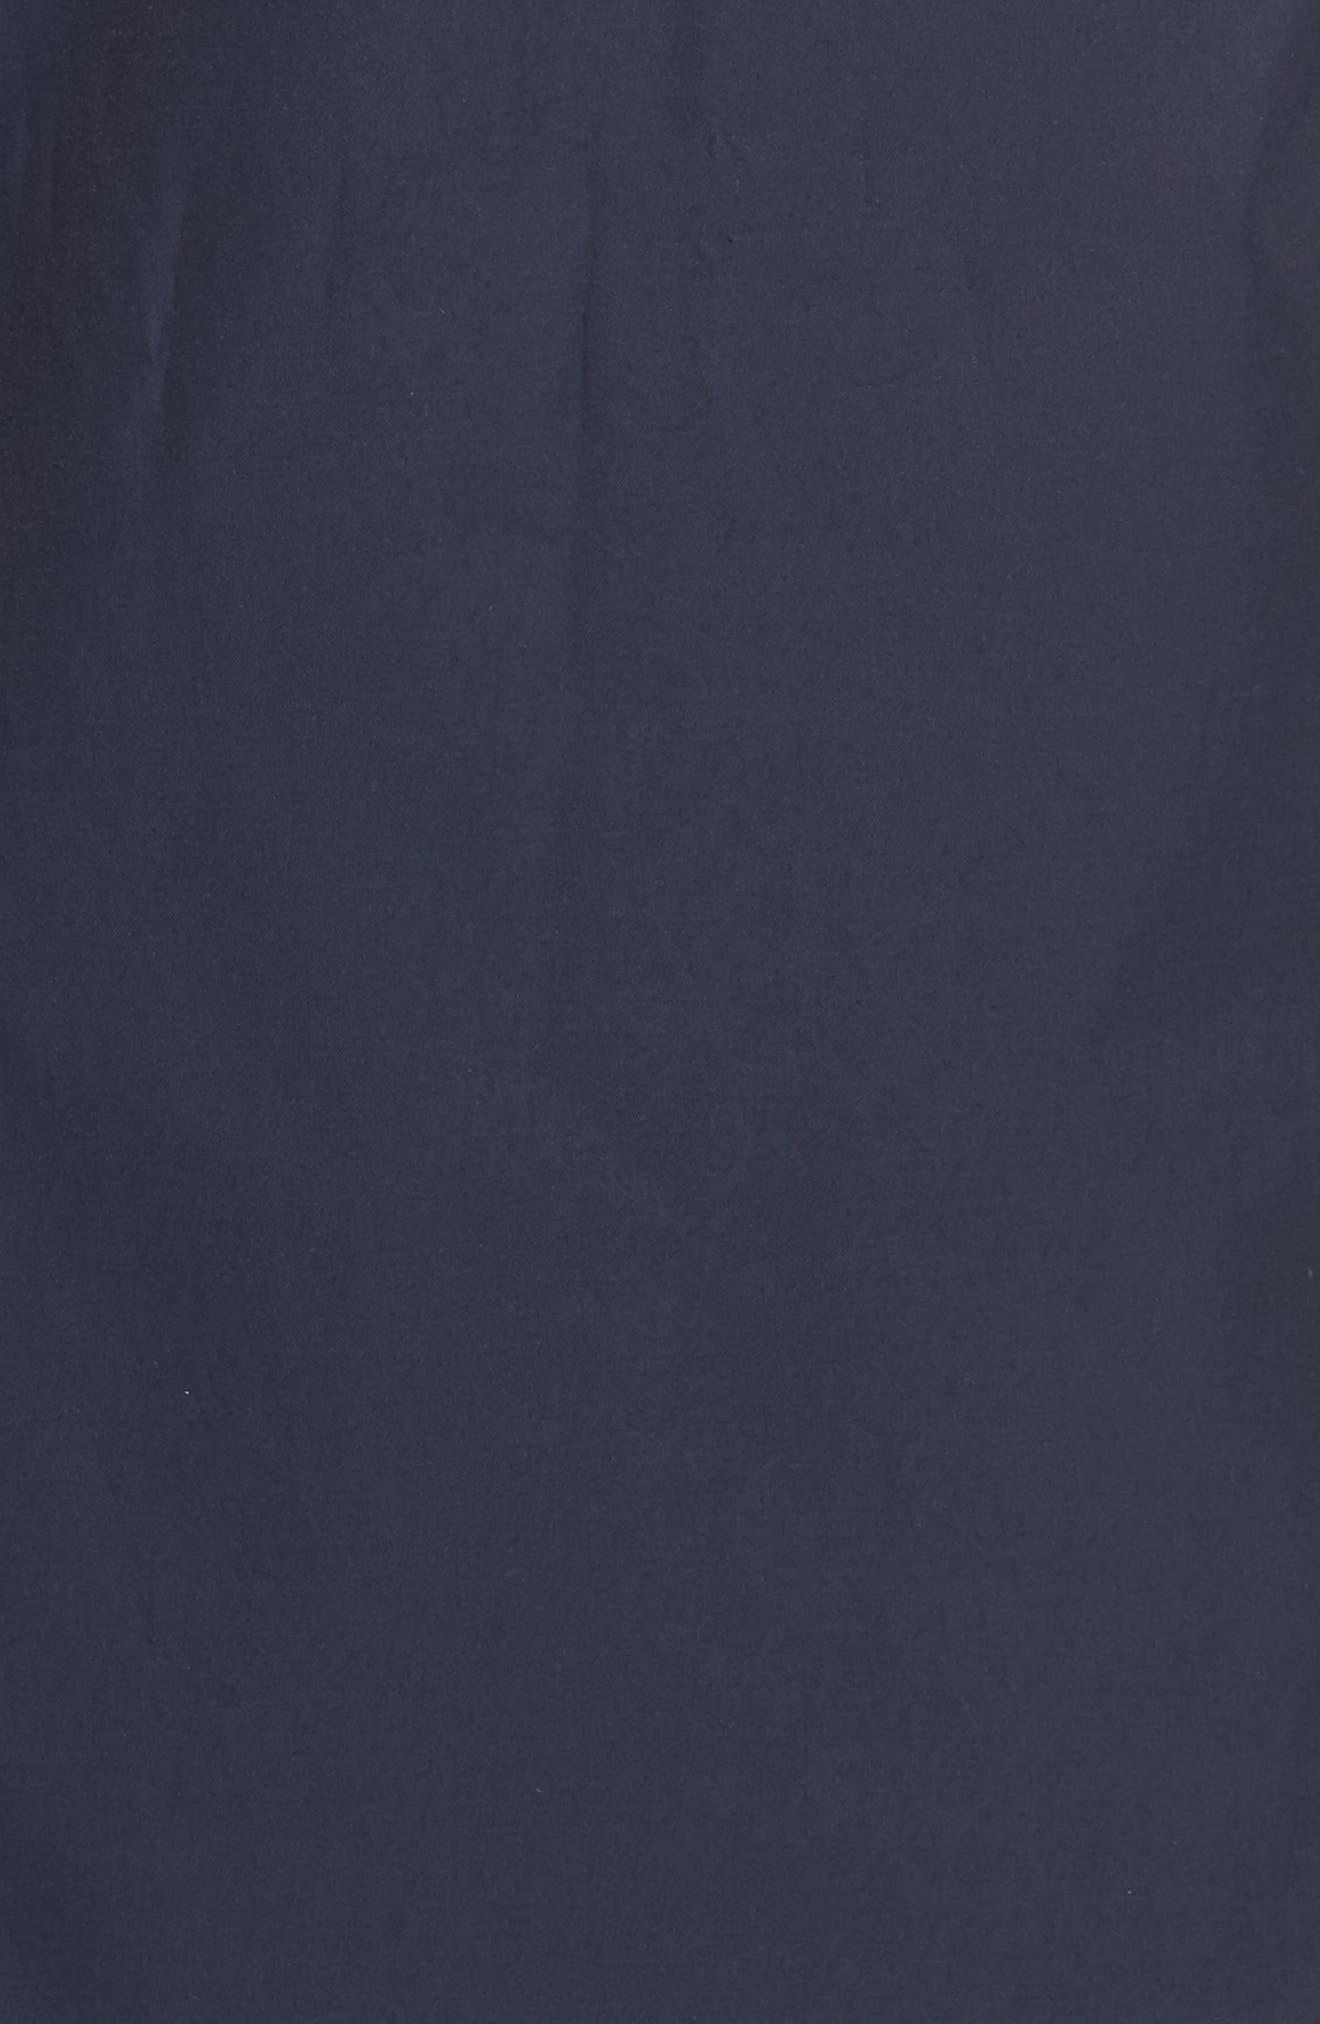 Sportswear Women's AeroLoft 3-in-1 Down Fill Parka,                             Alternate thumbnail 8, color,                             OBSIDIAN/ GLACIER GREY/ BLACK